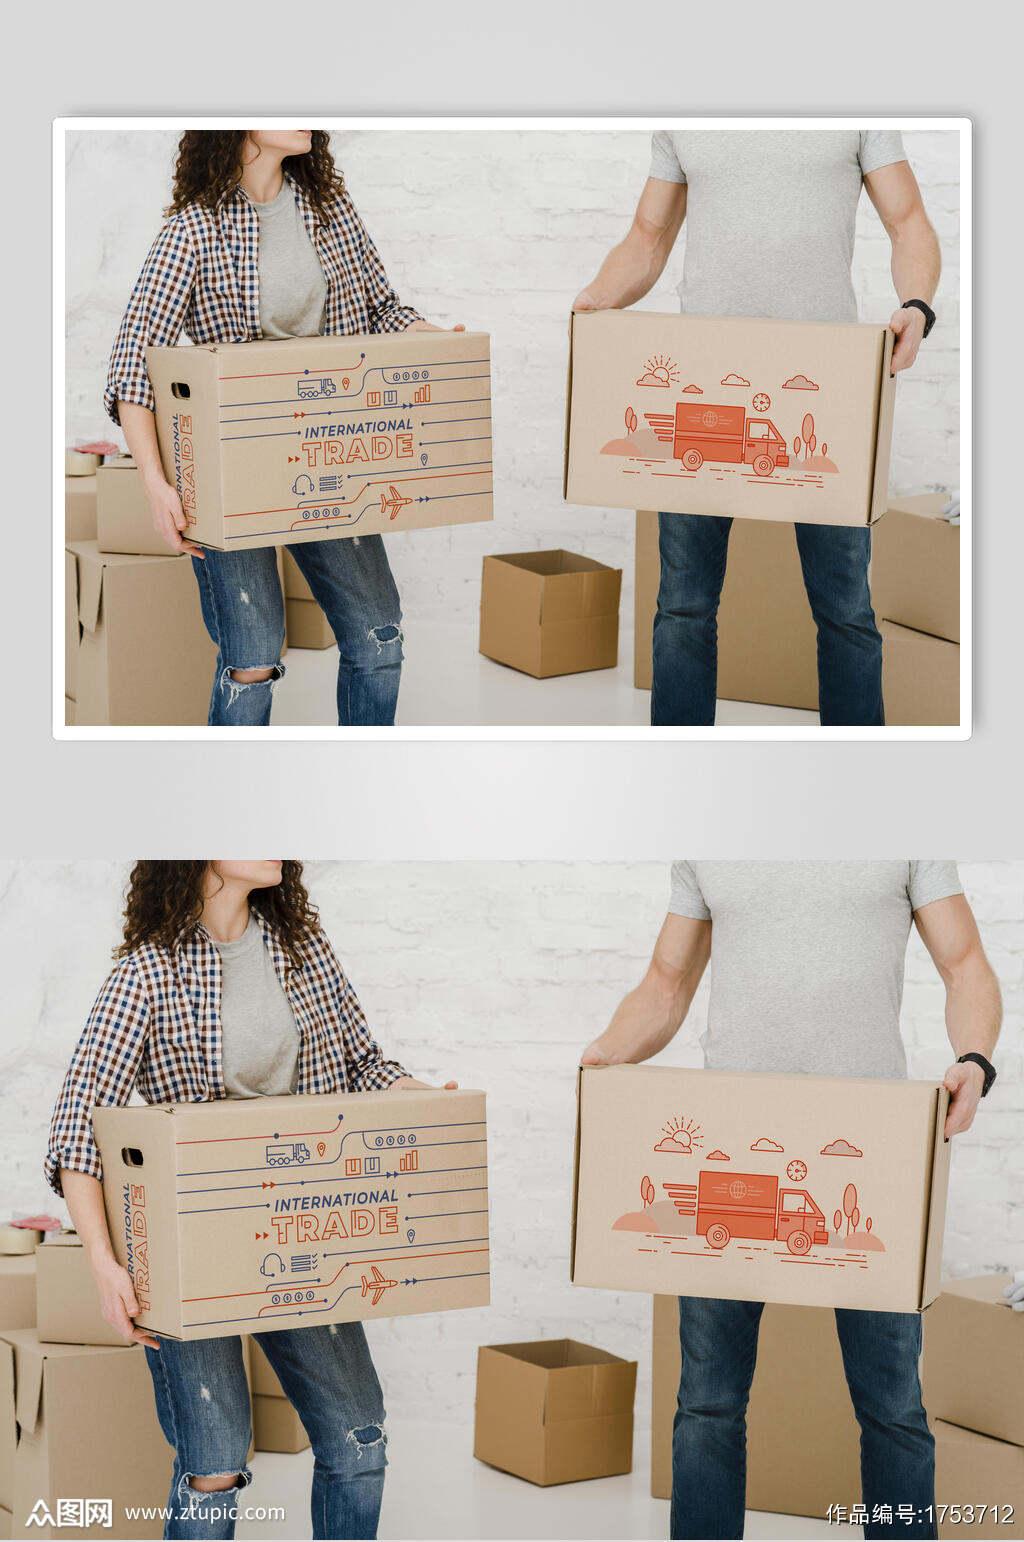 纸盒工具箱盒子包装样机效果图素材